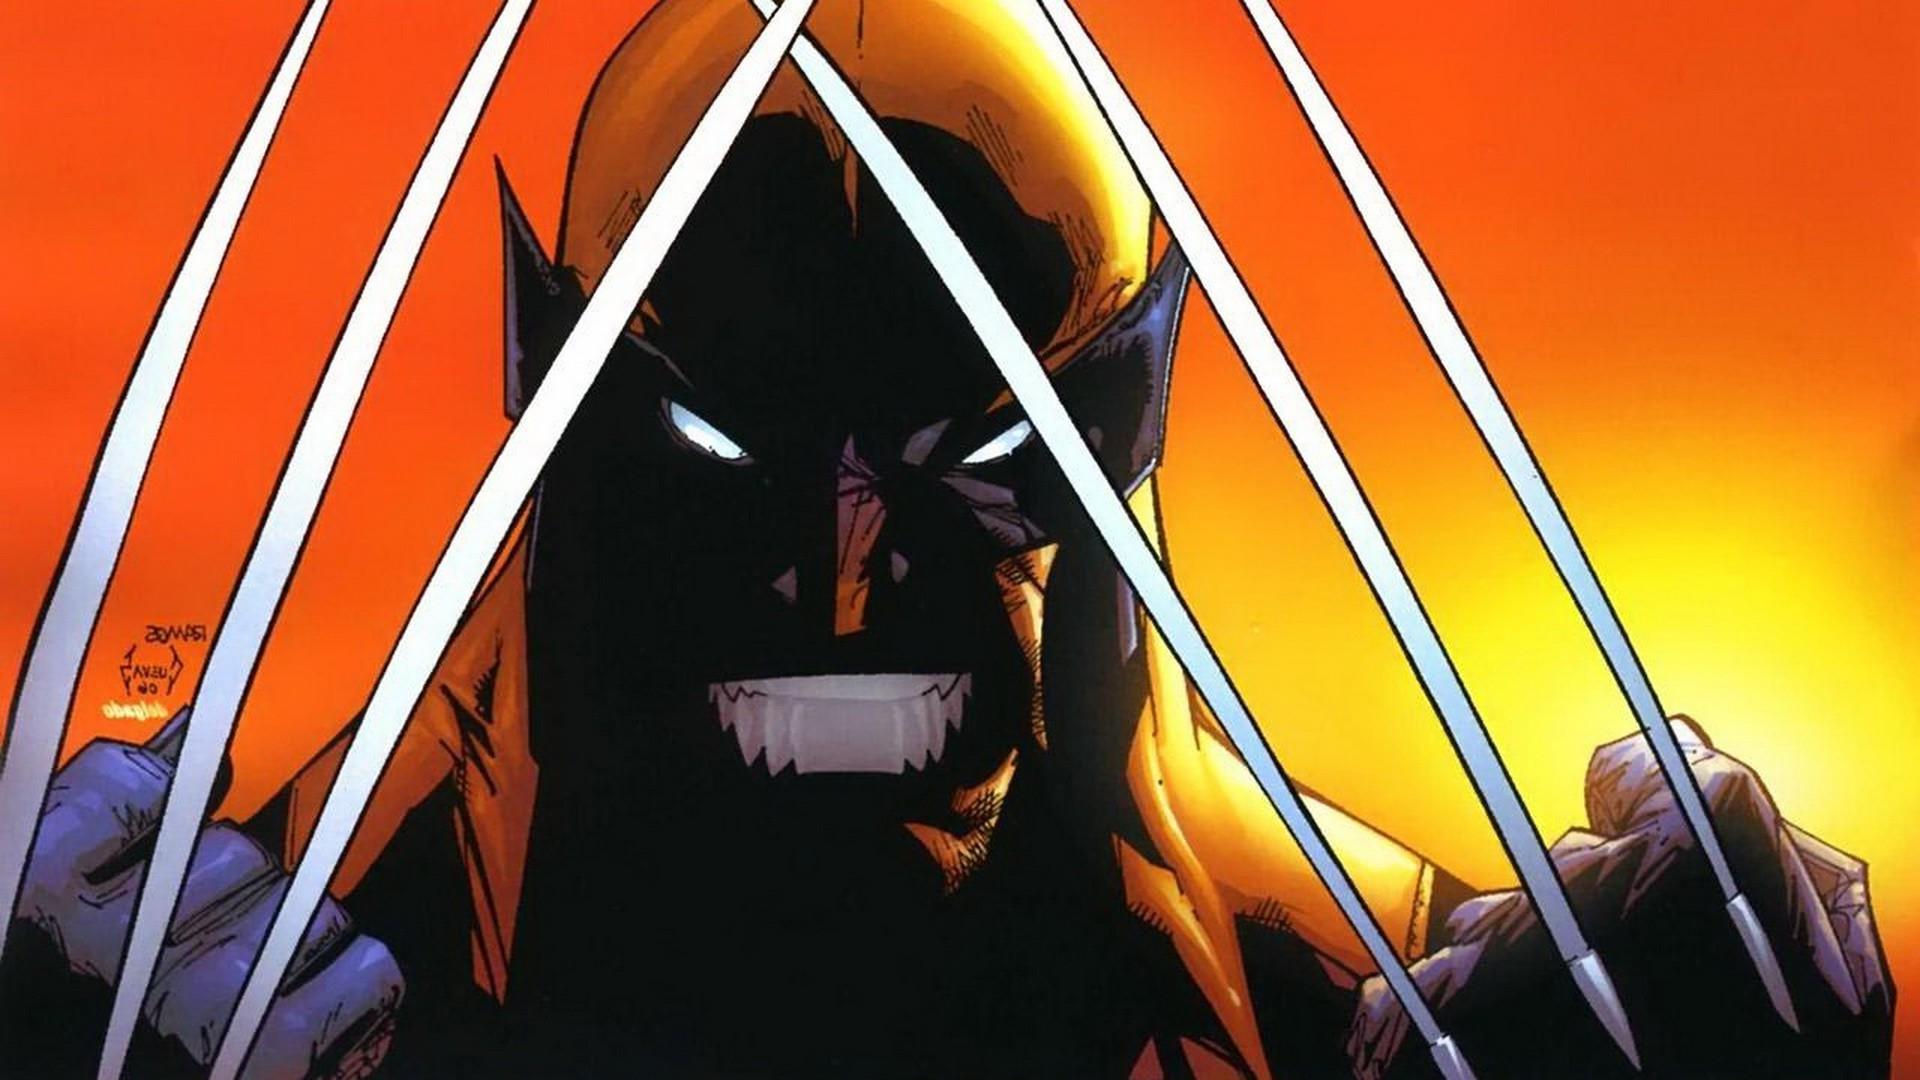 1920x1080 Px Wolverine